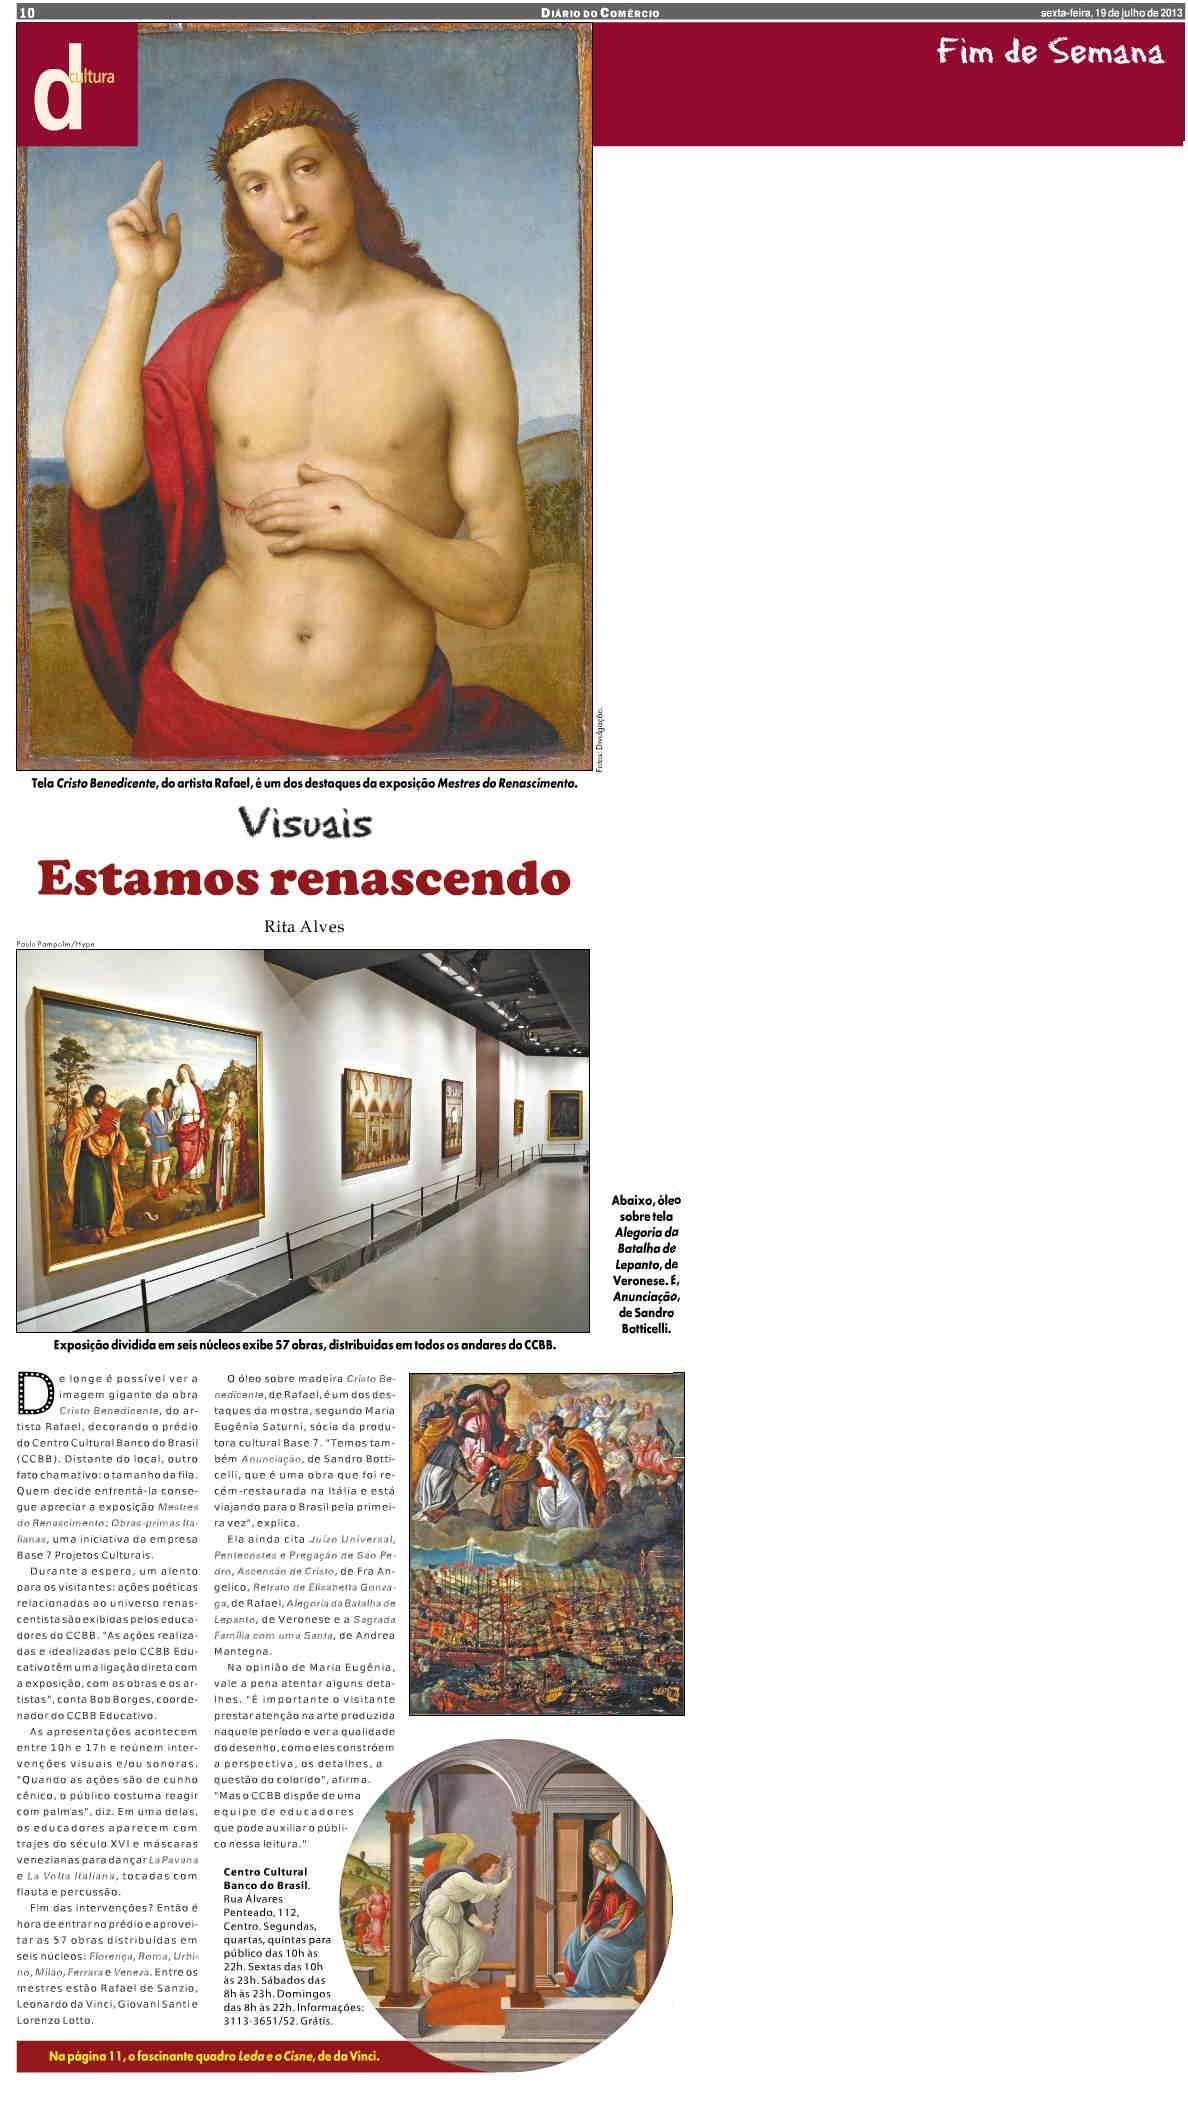 Veículo: jornal Diário do Comércio (19/7/2013).